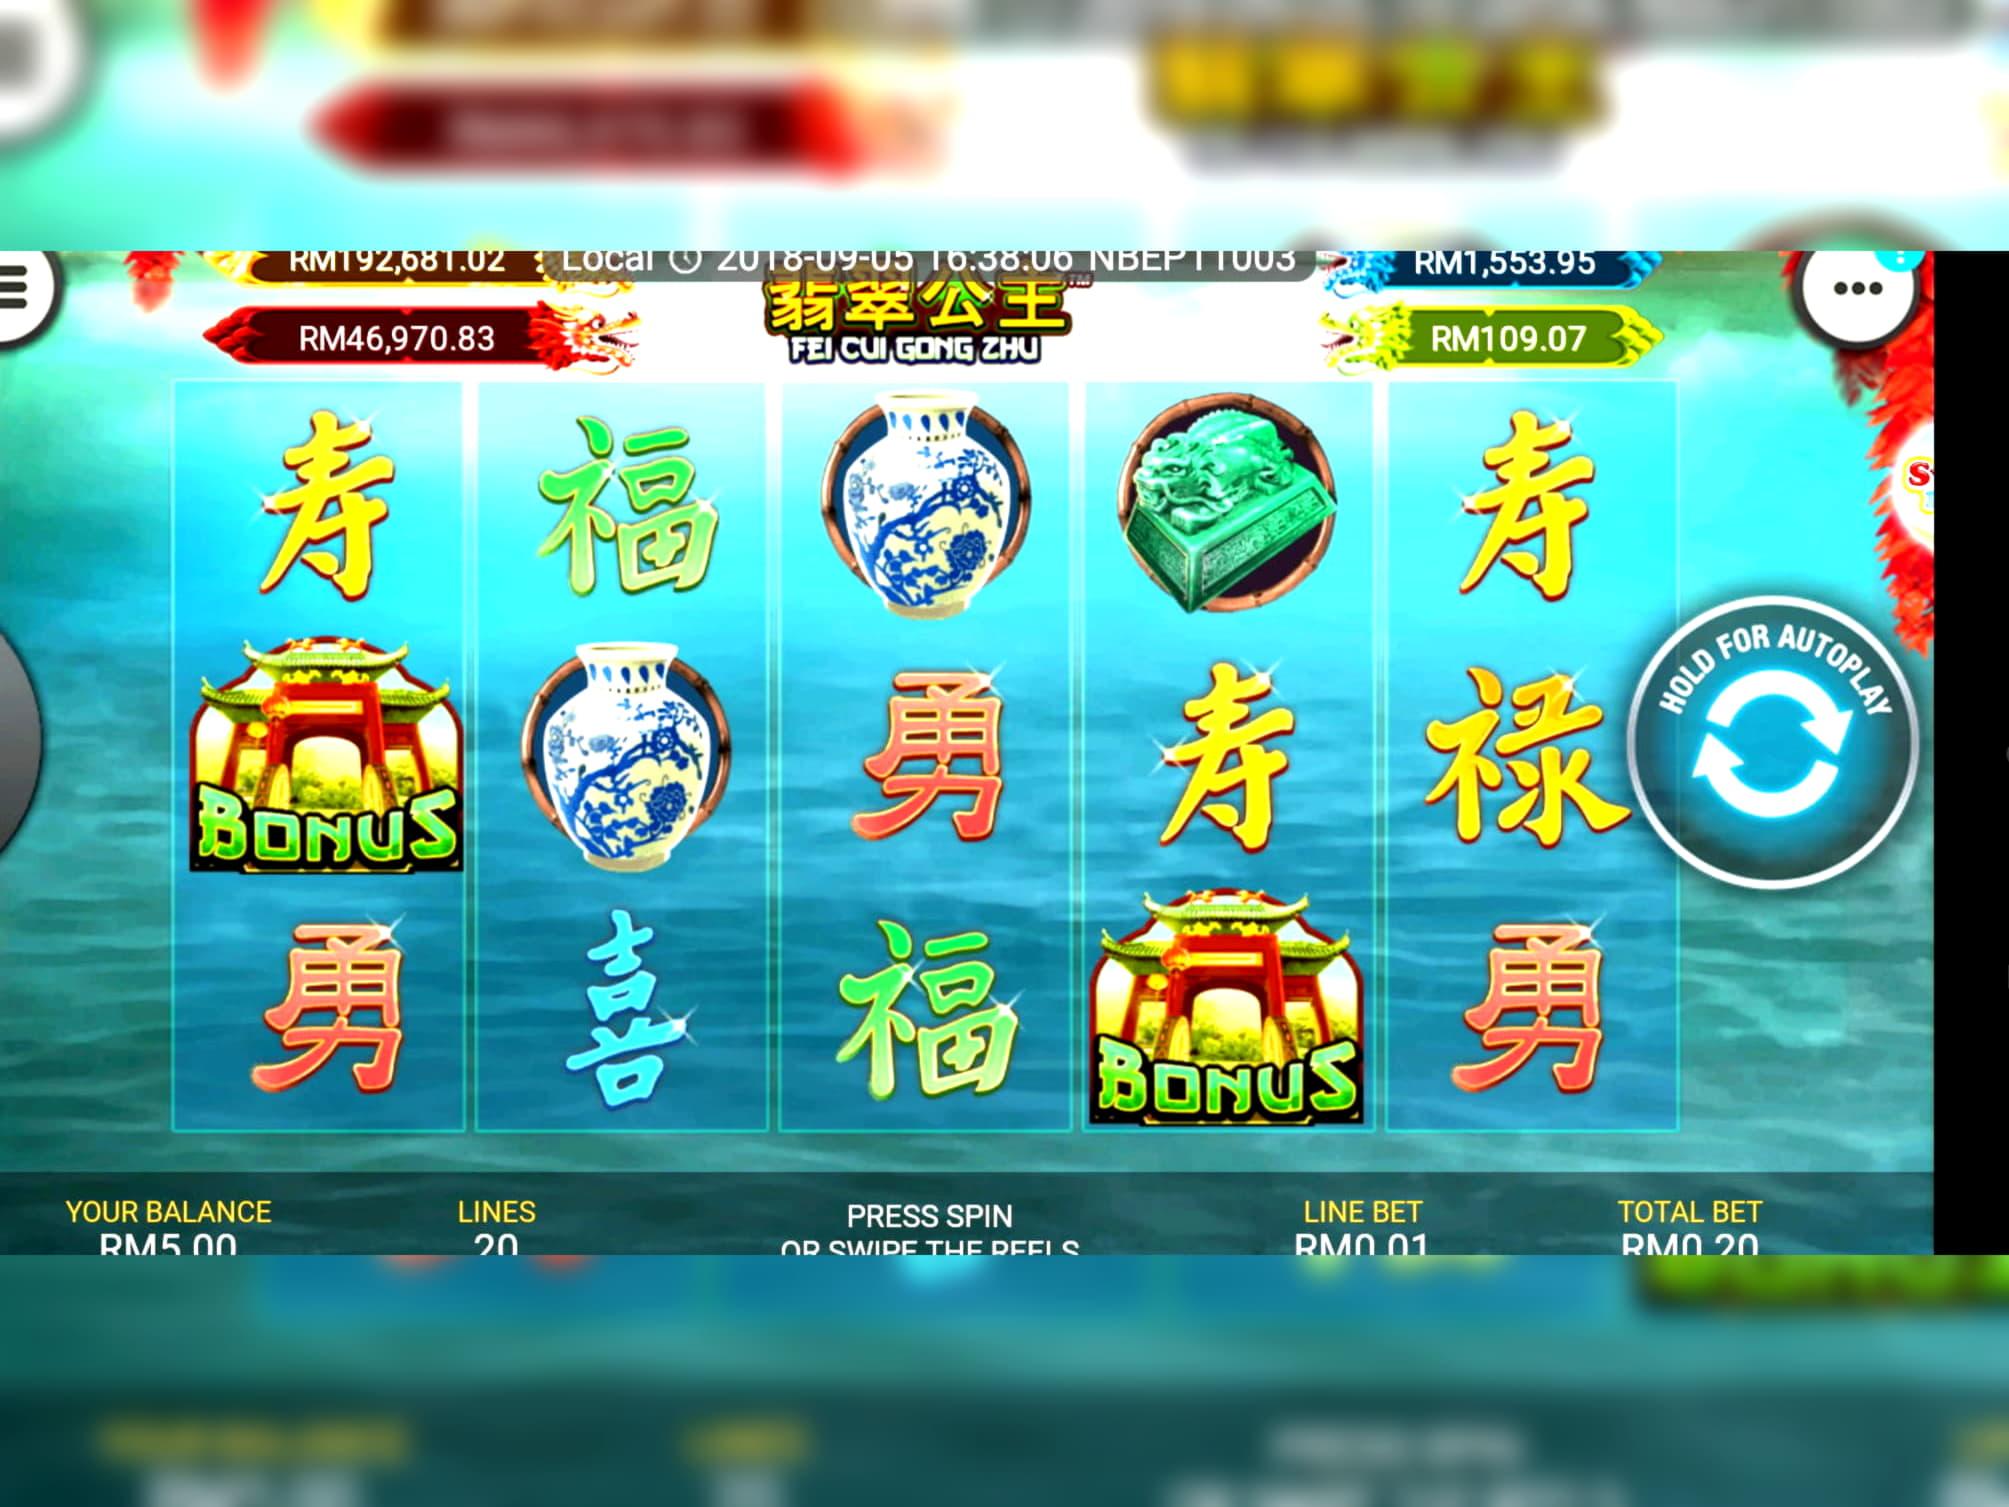 945% First deposit bonus at Cadoola Casino